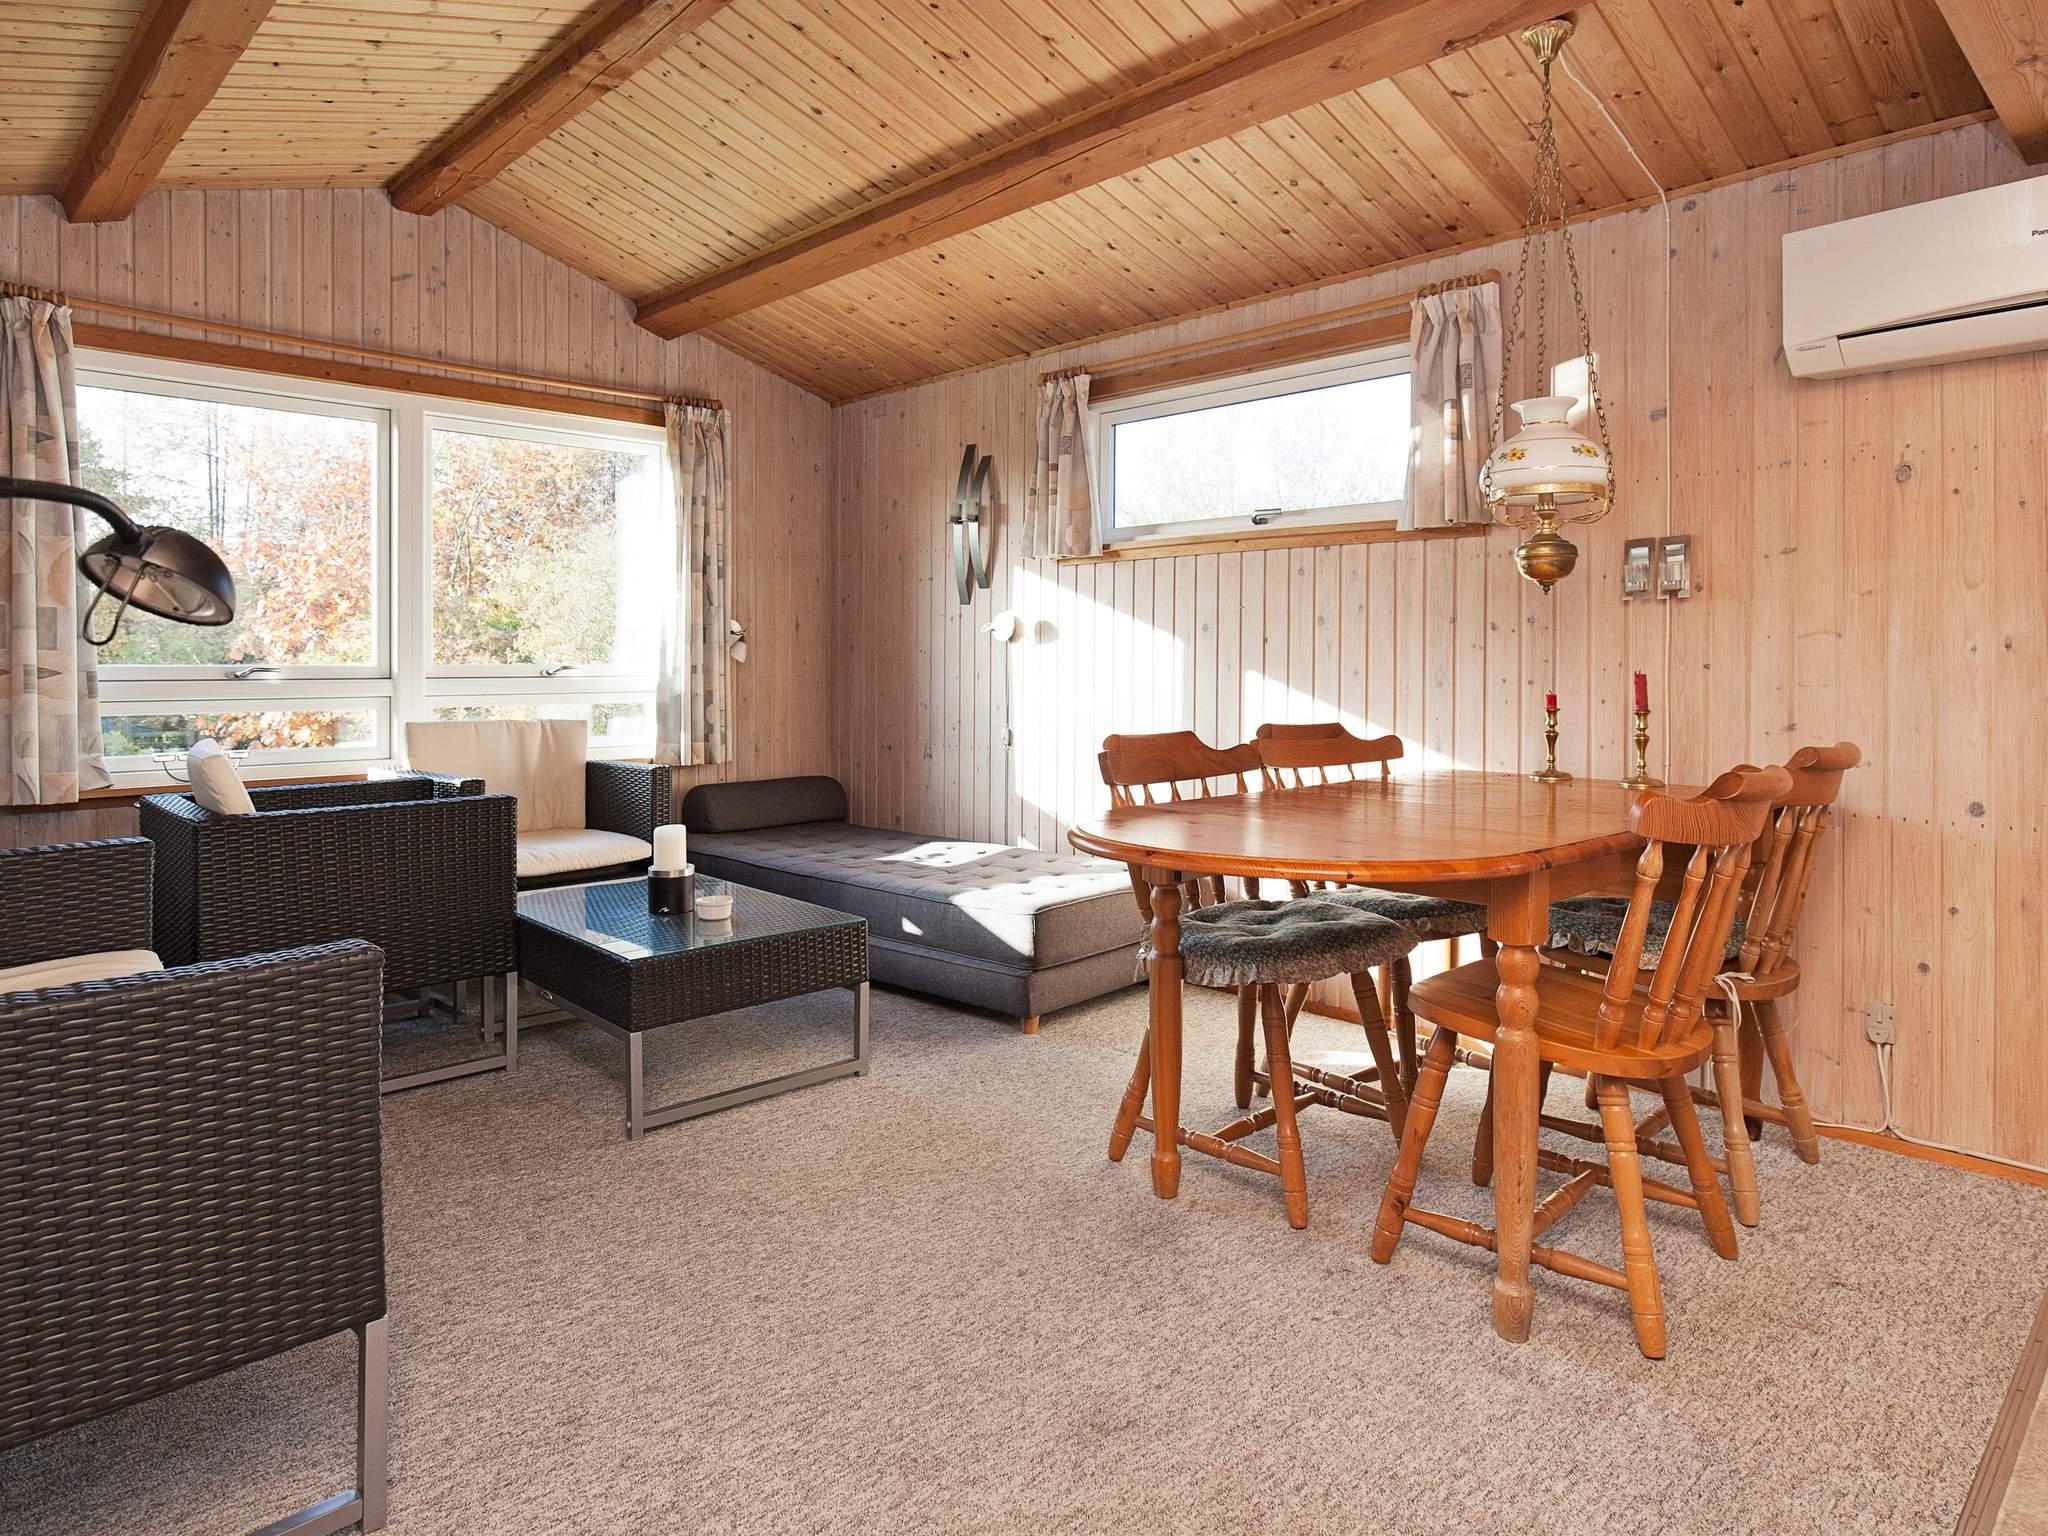 Ferienhaus Udsholt Strand (2355111), Udsholt, , Nordseeland, Dänemark, Bild 2